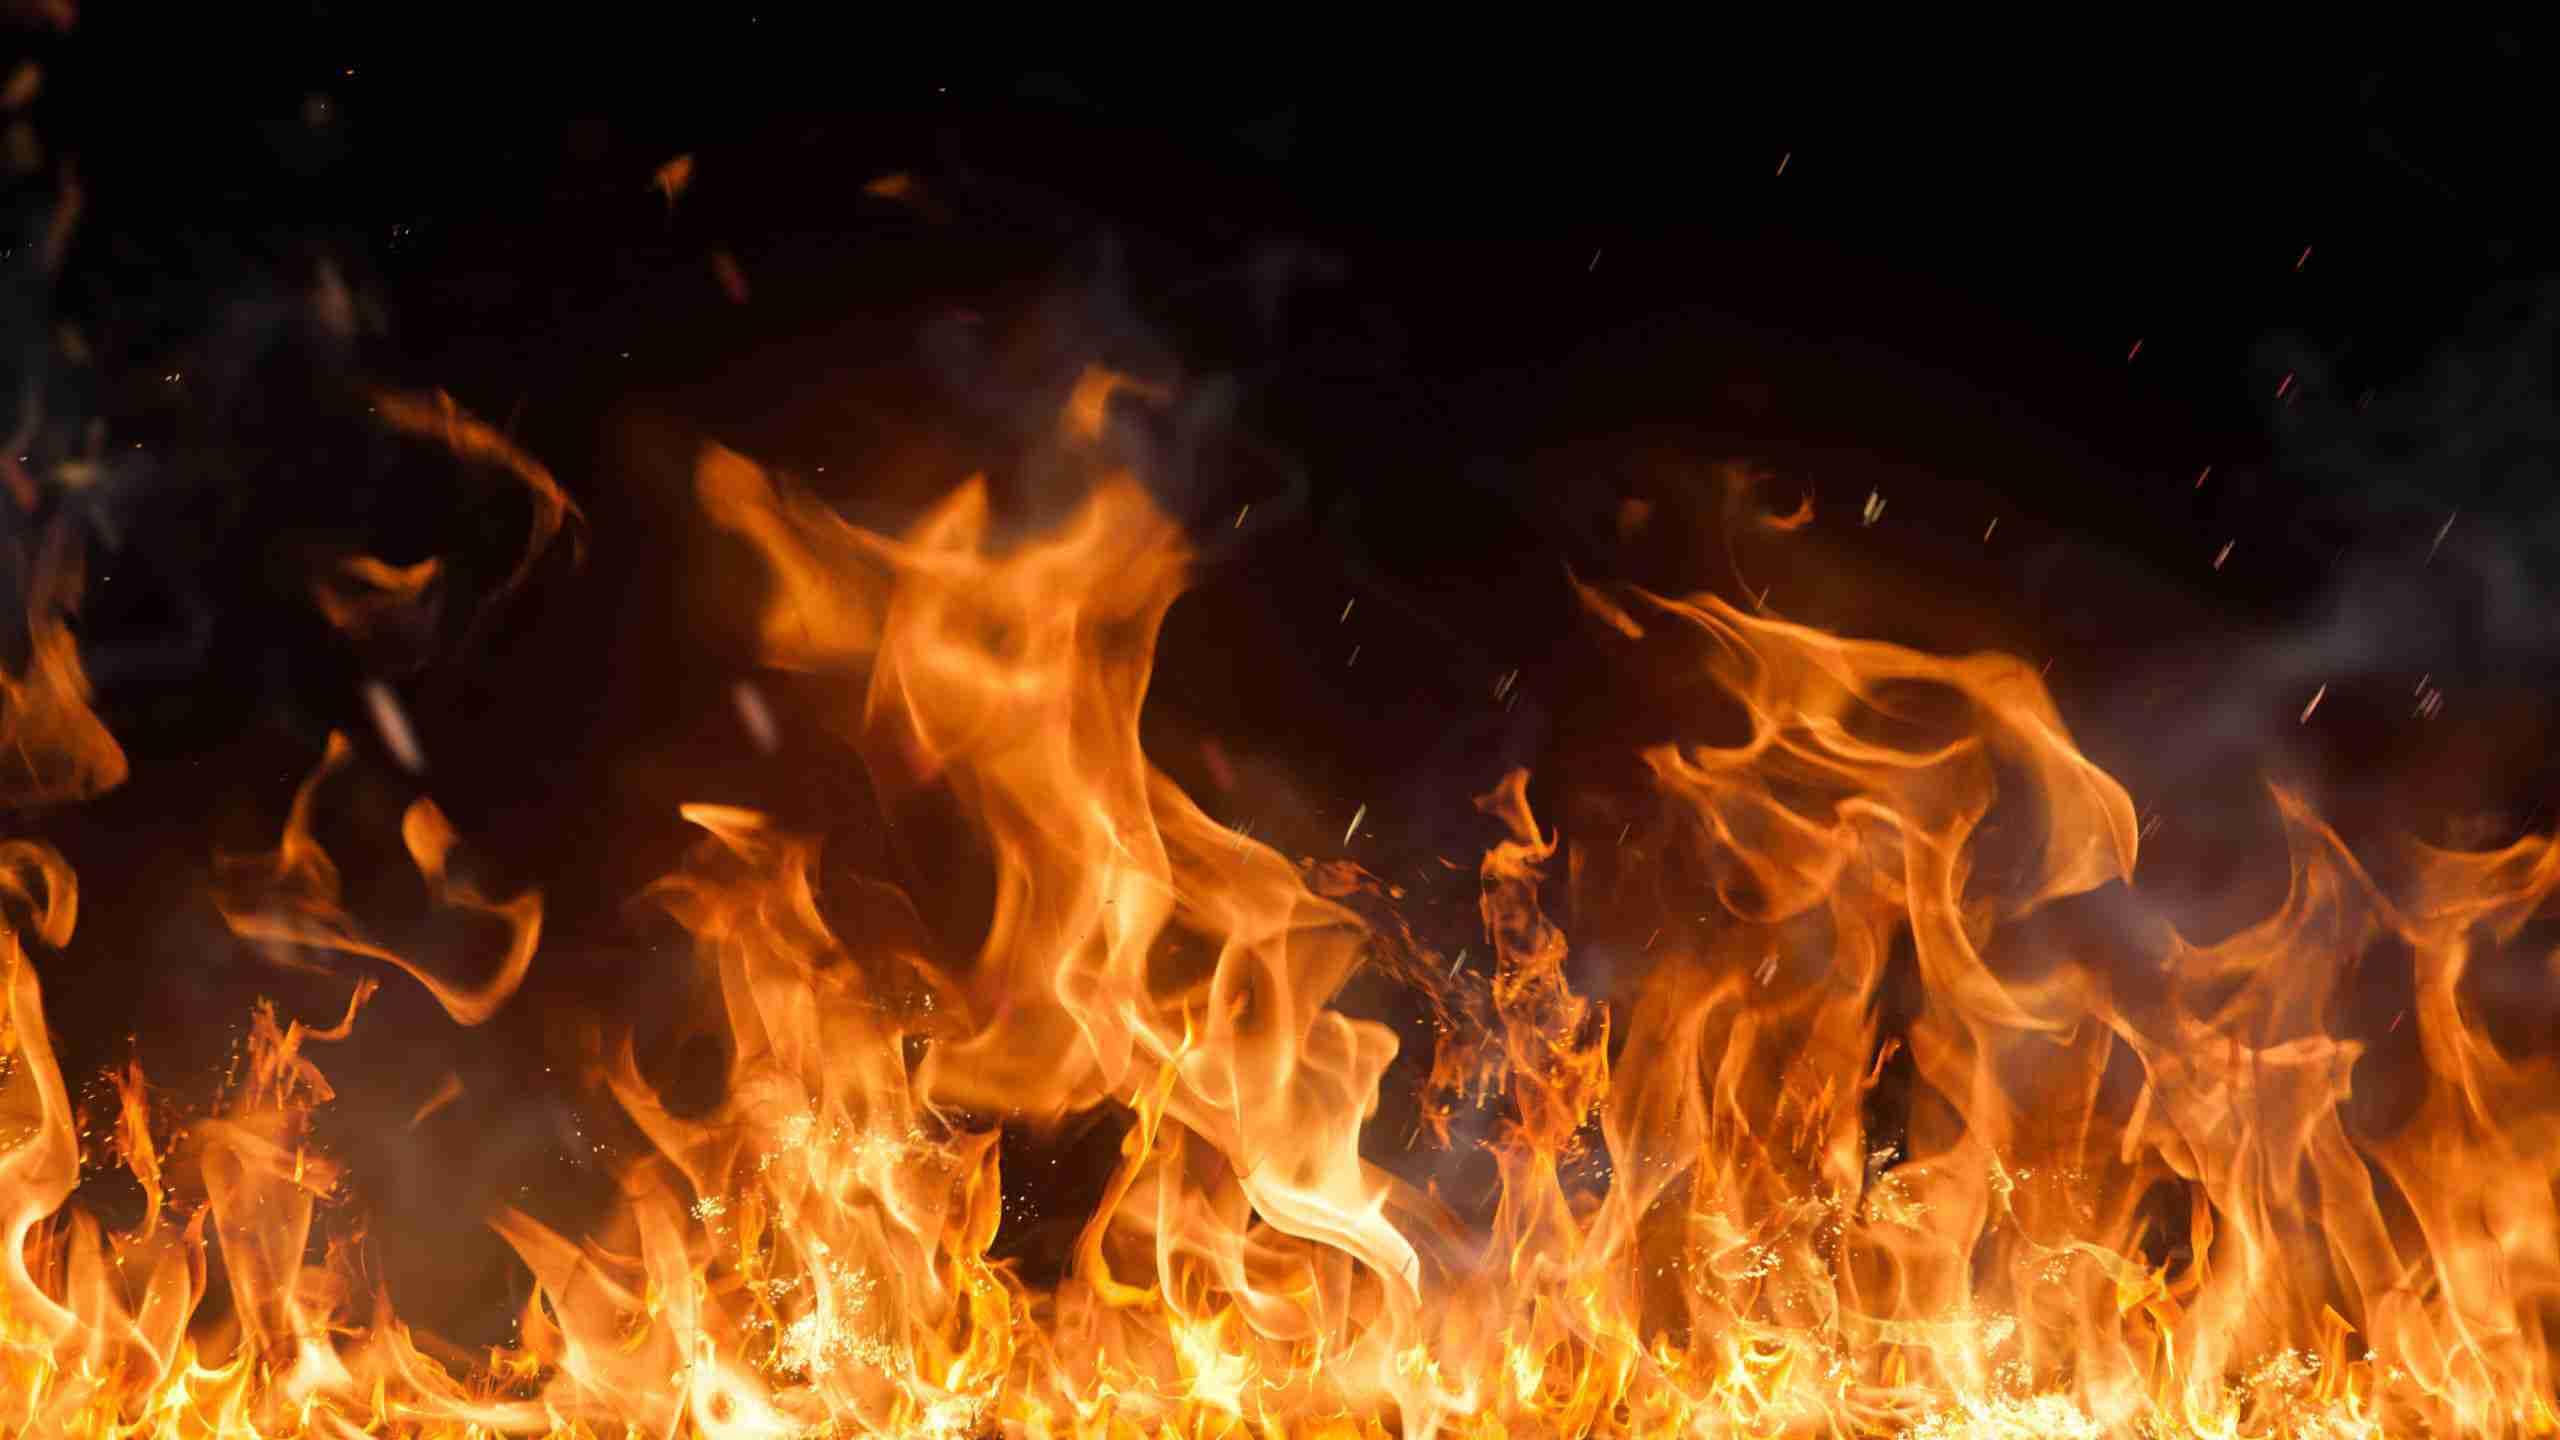 В Алматы водитель наехал на полицейское авто и сгорел заживо